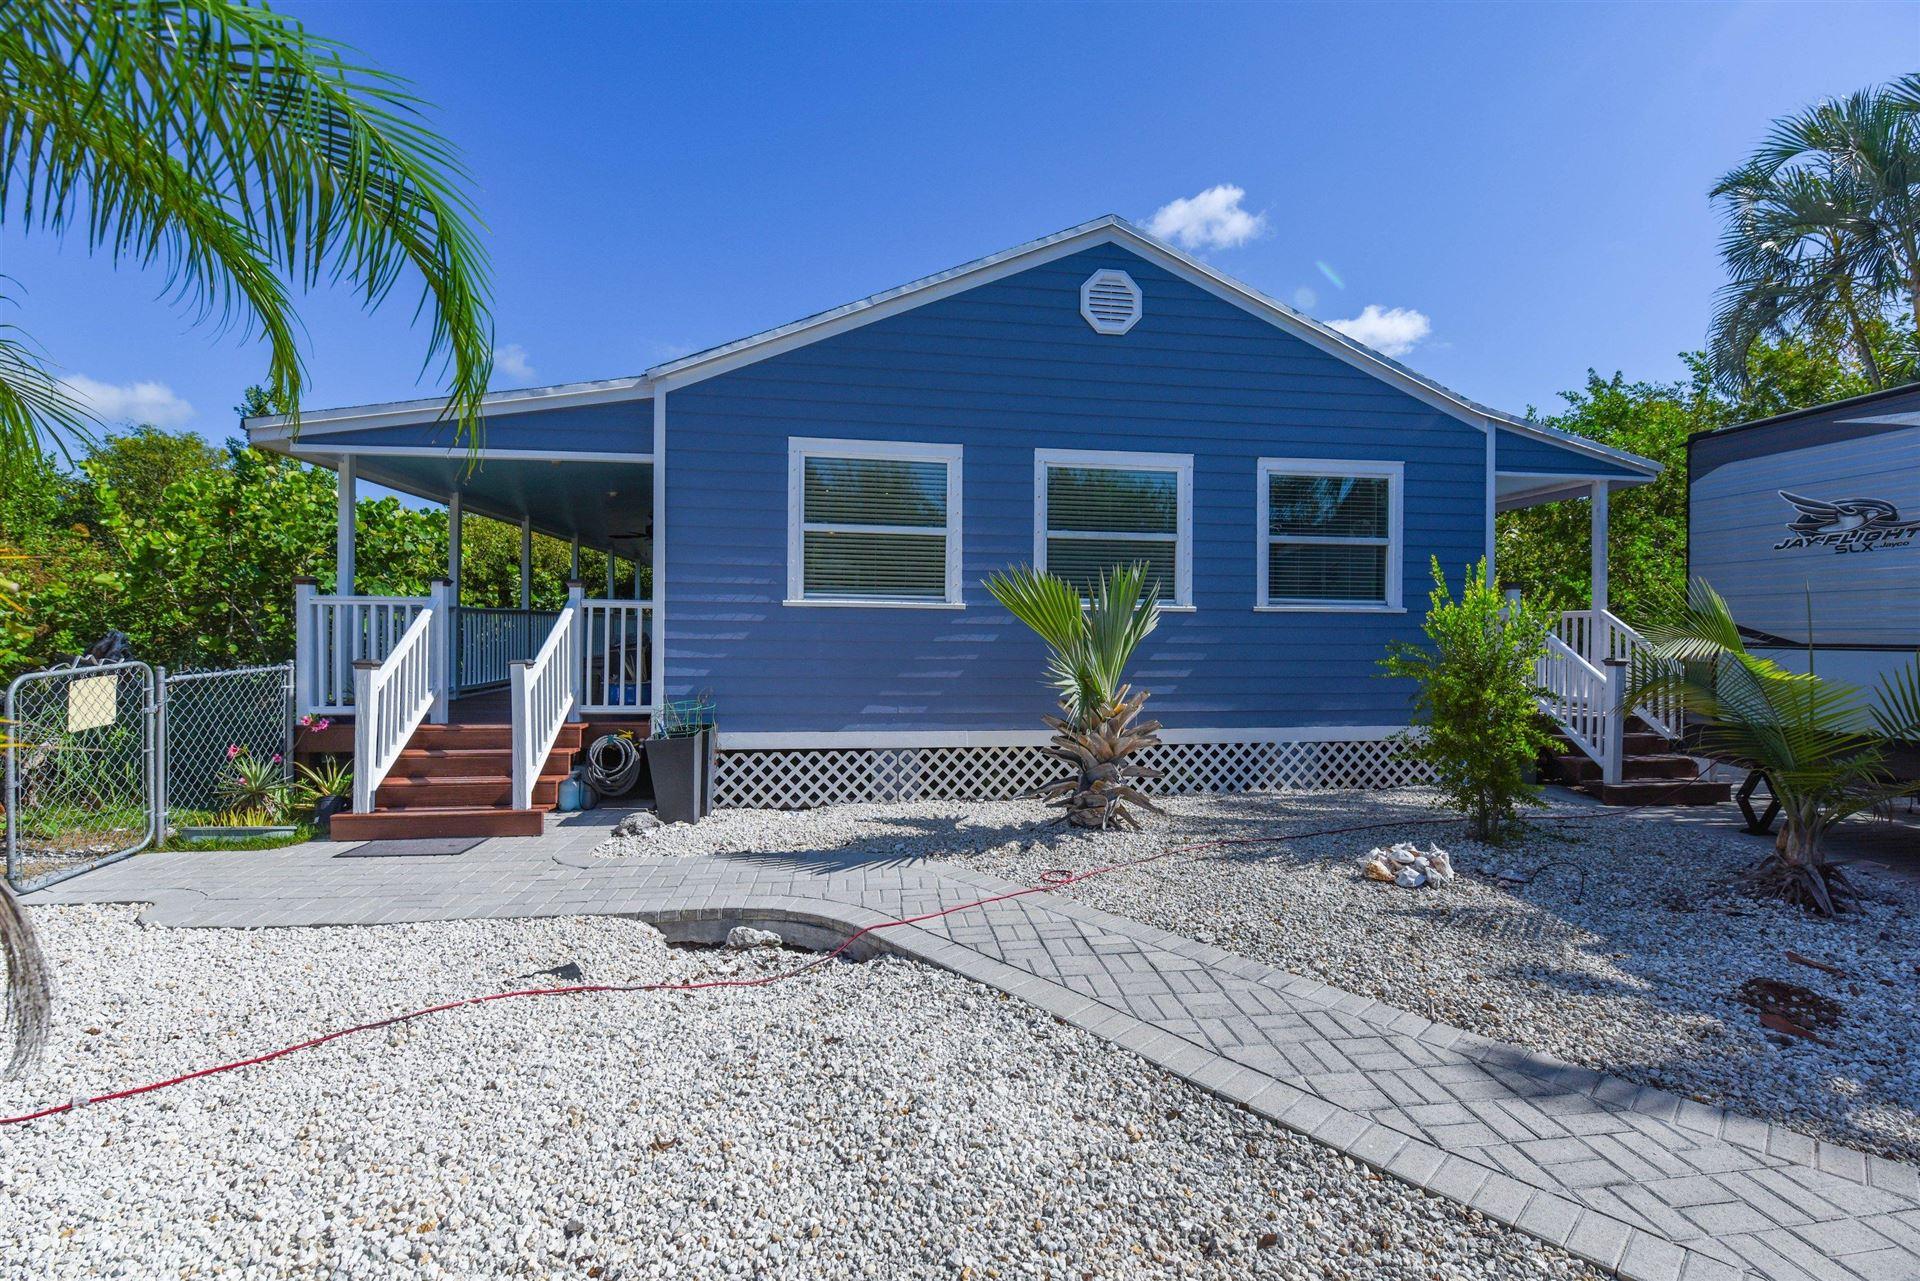 30167 Palm Drive, Big Pine, FL 33043 - #: 595763